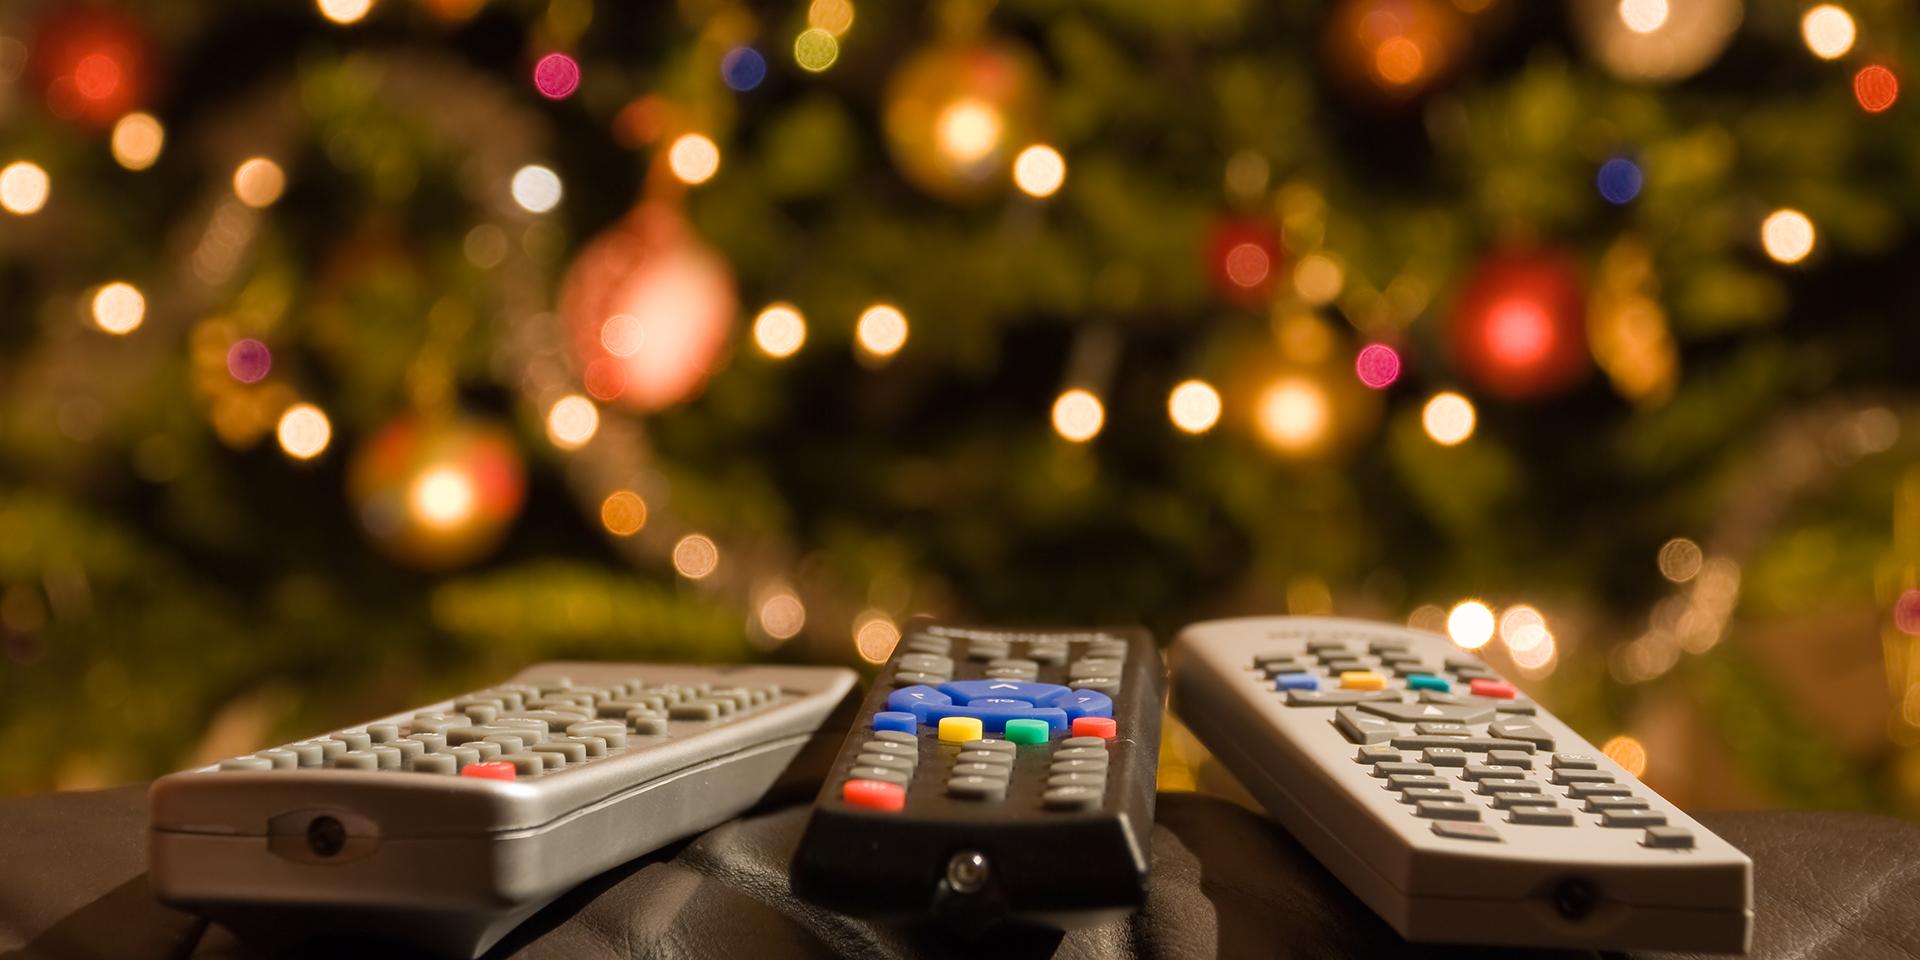 Weihnachten in den Medien